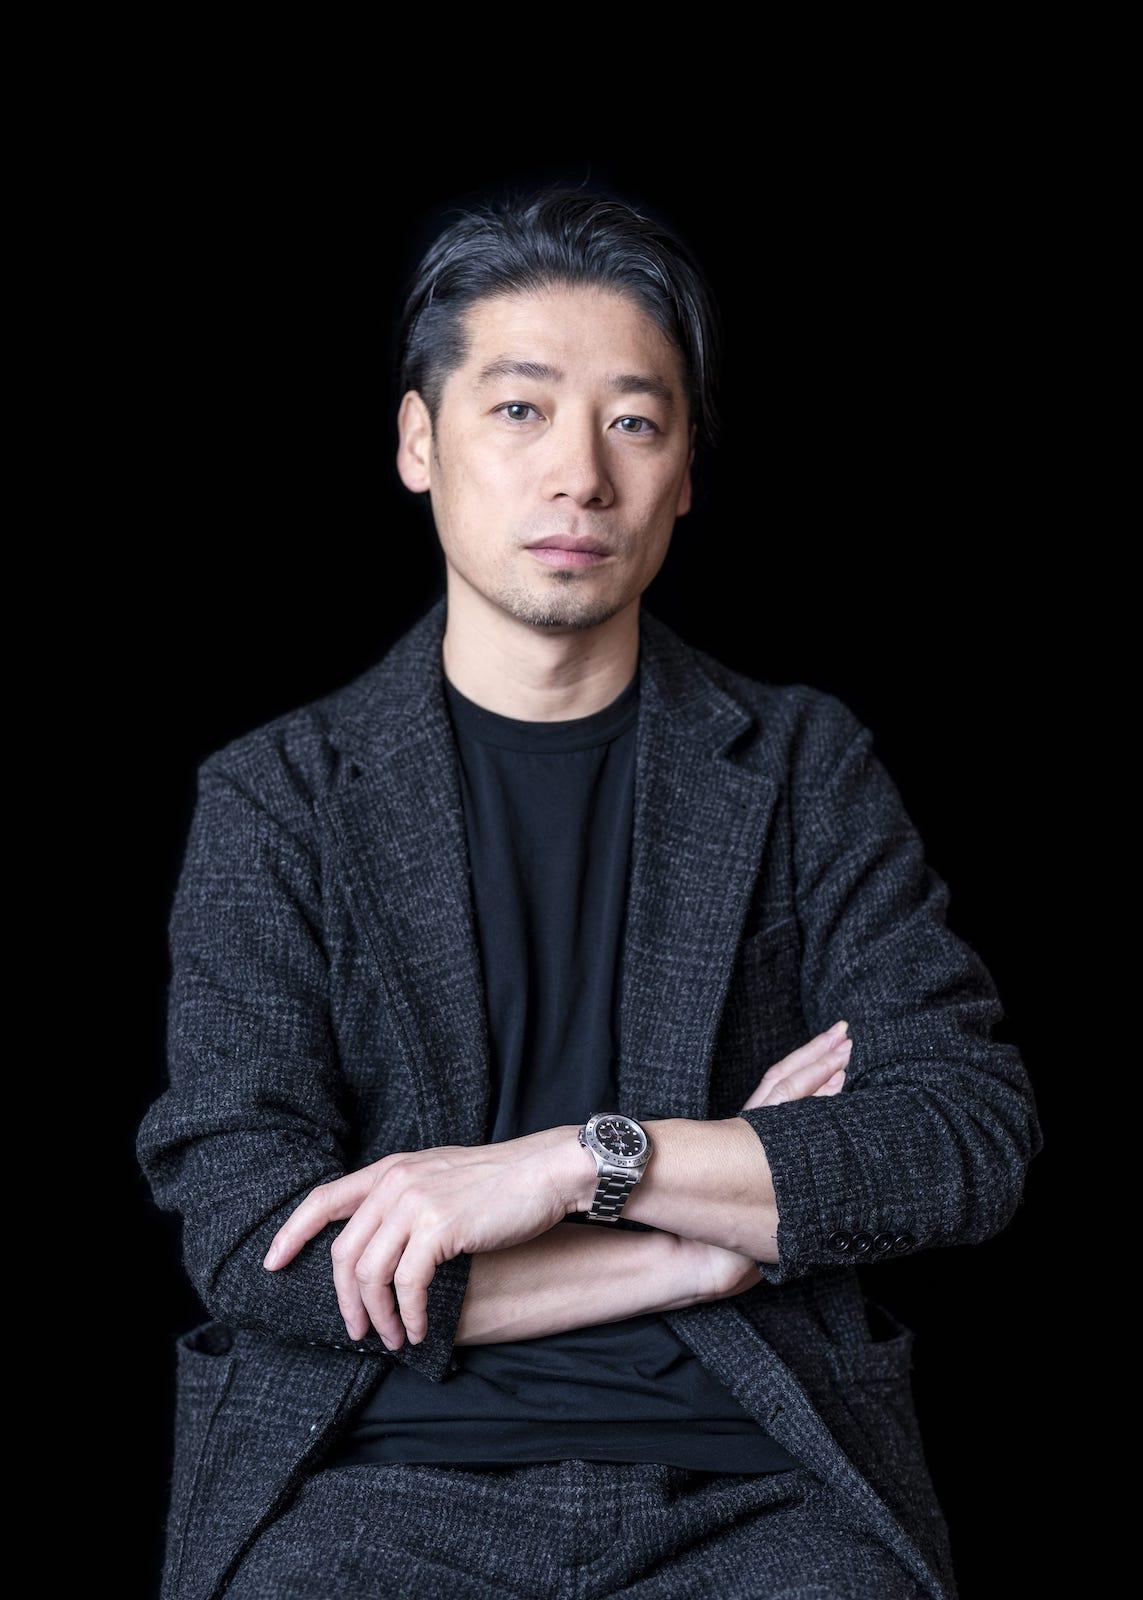 建築家・起業家 谷尻 誠氏 近影